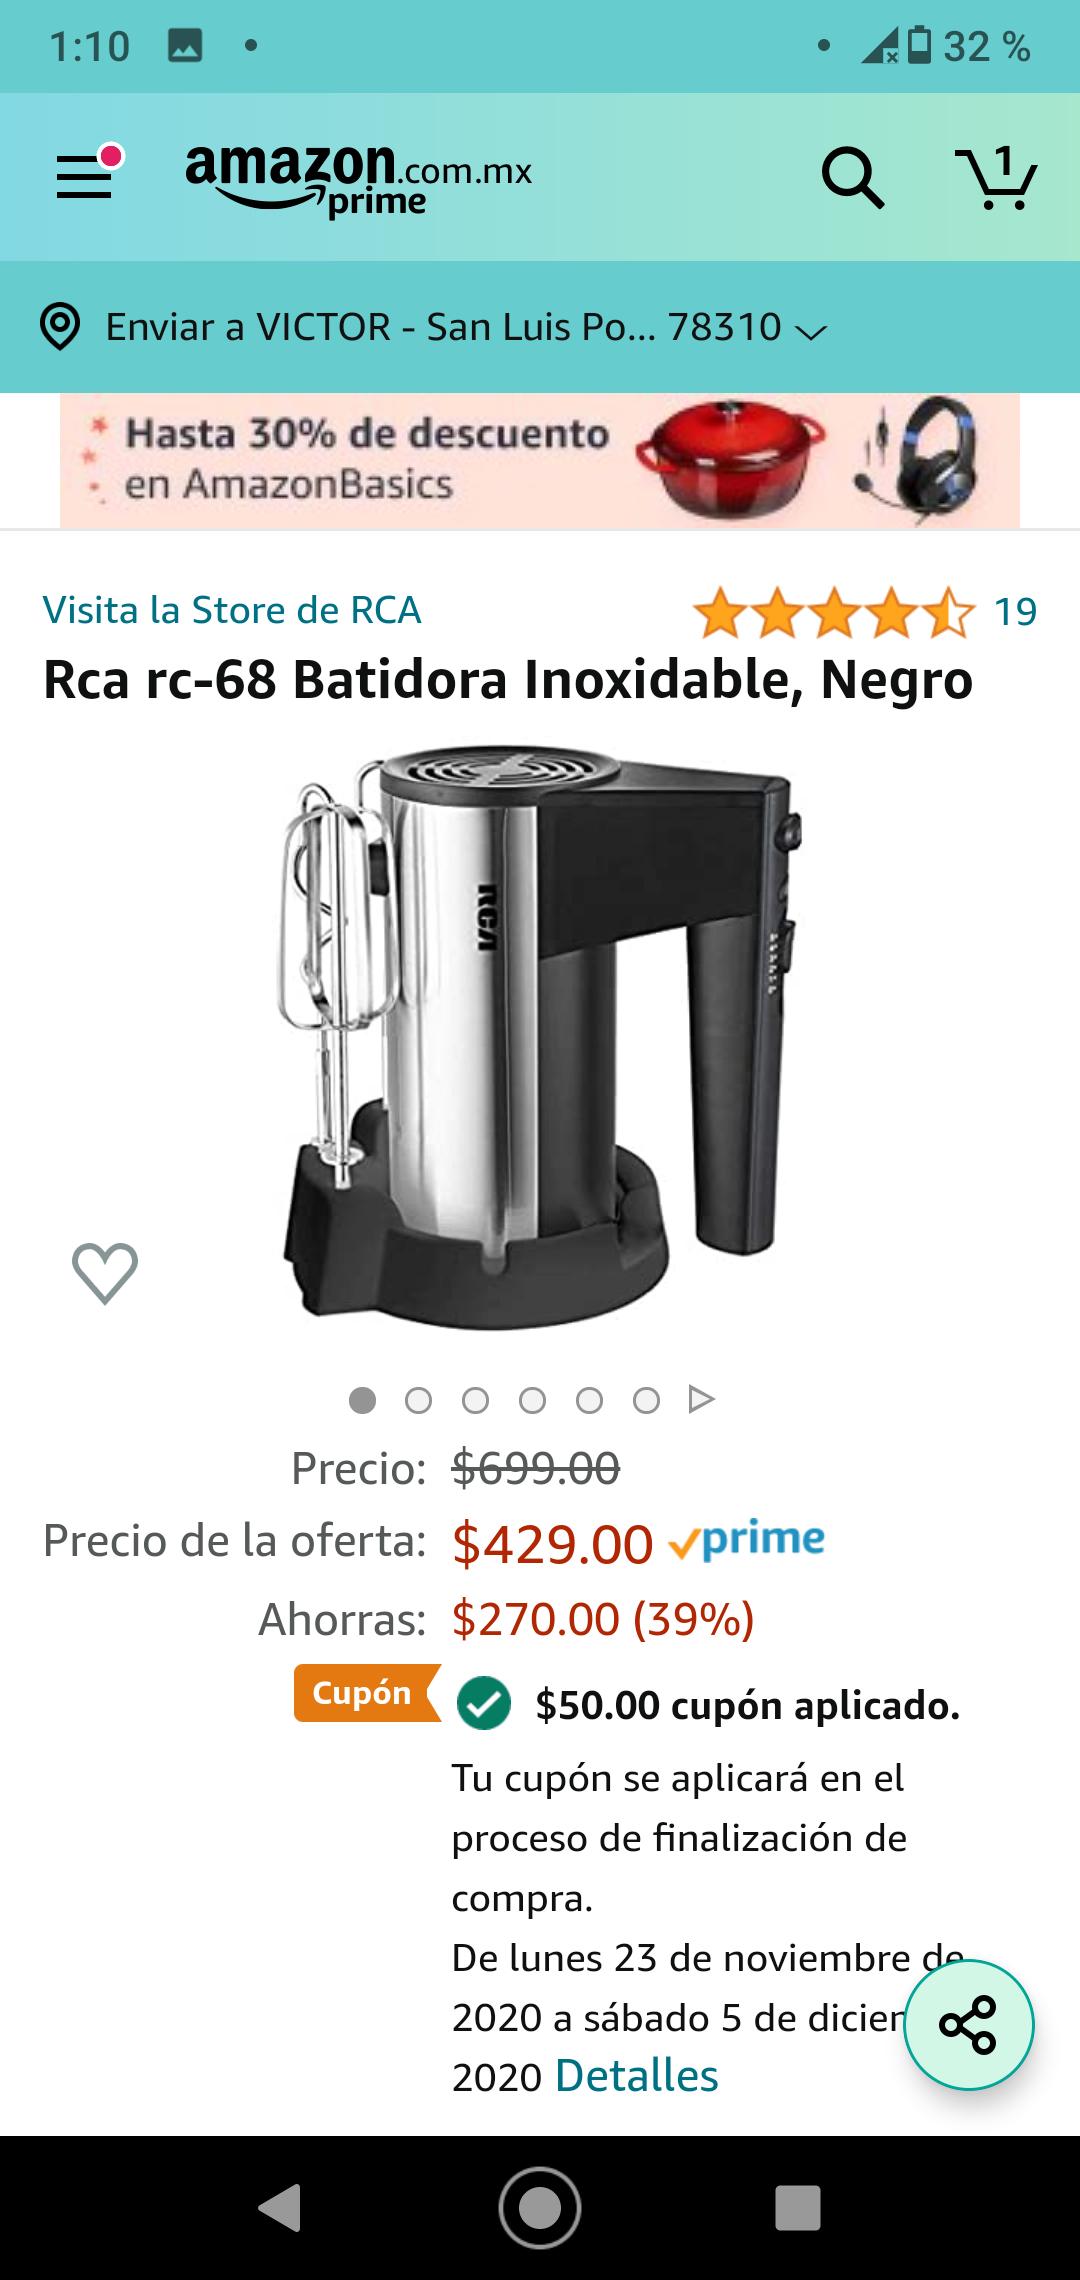 Amazon batidora inoxidable RCA - Aplica cupón de 50 para llegar al precio